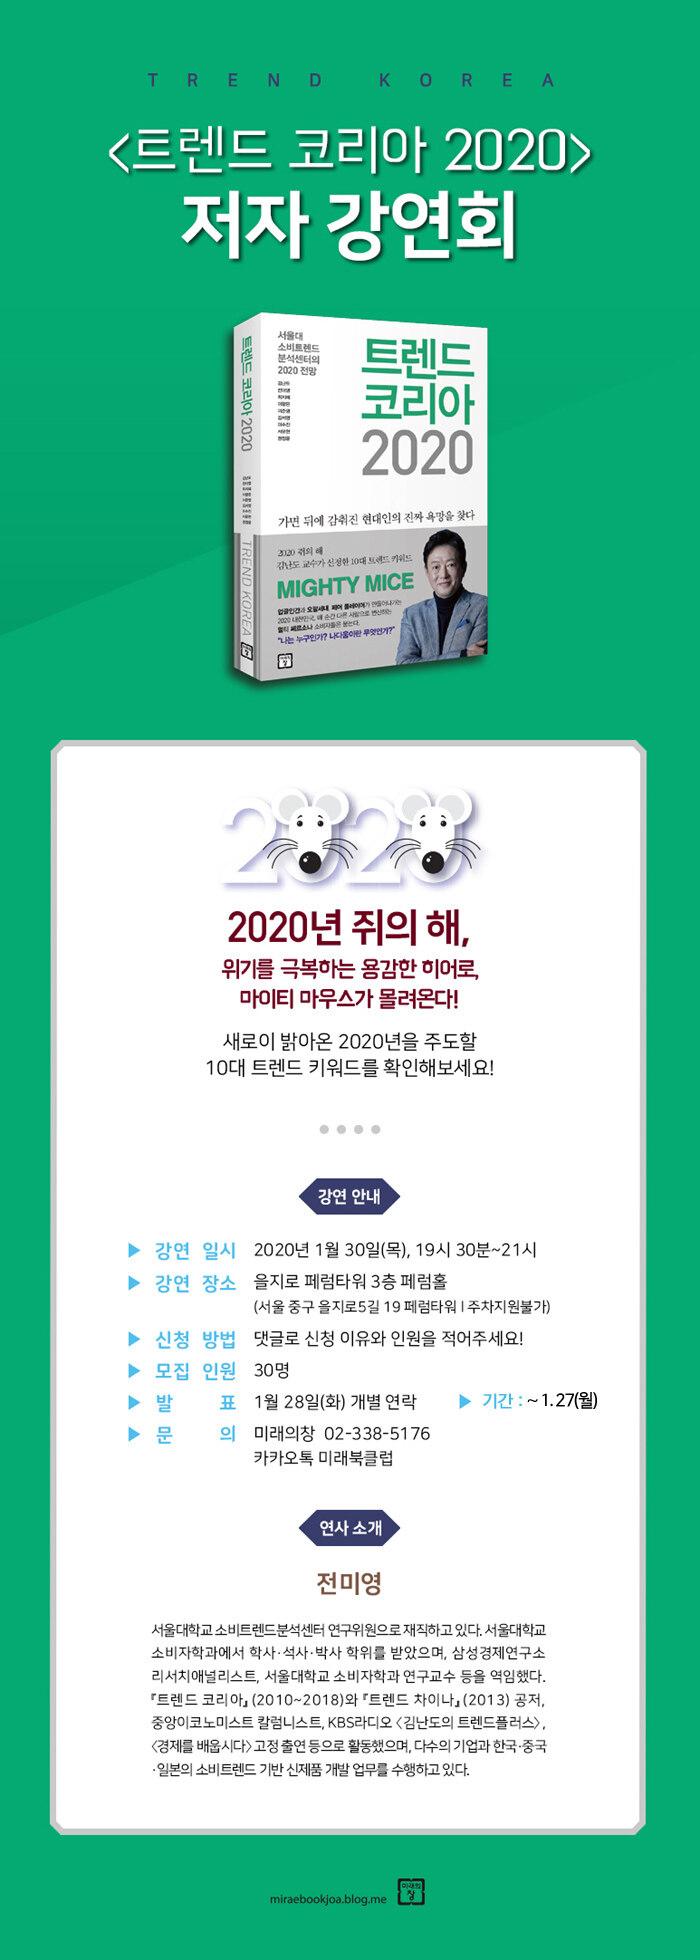 <트렌드 코리아 2020> 저자 강연회